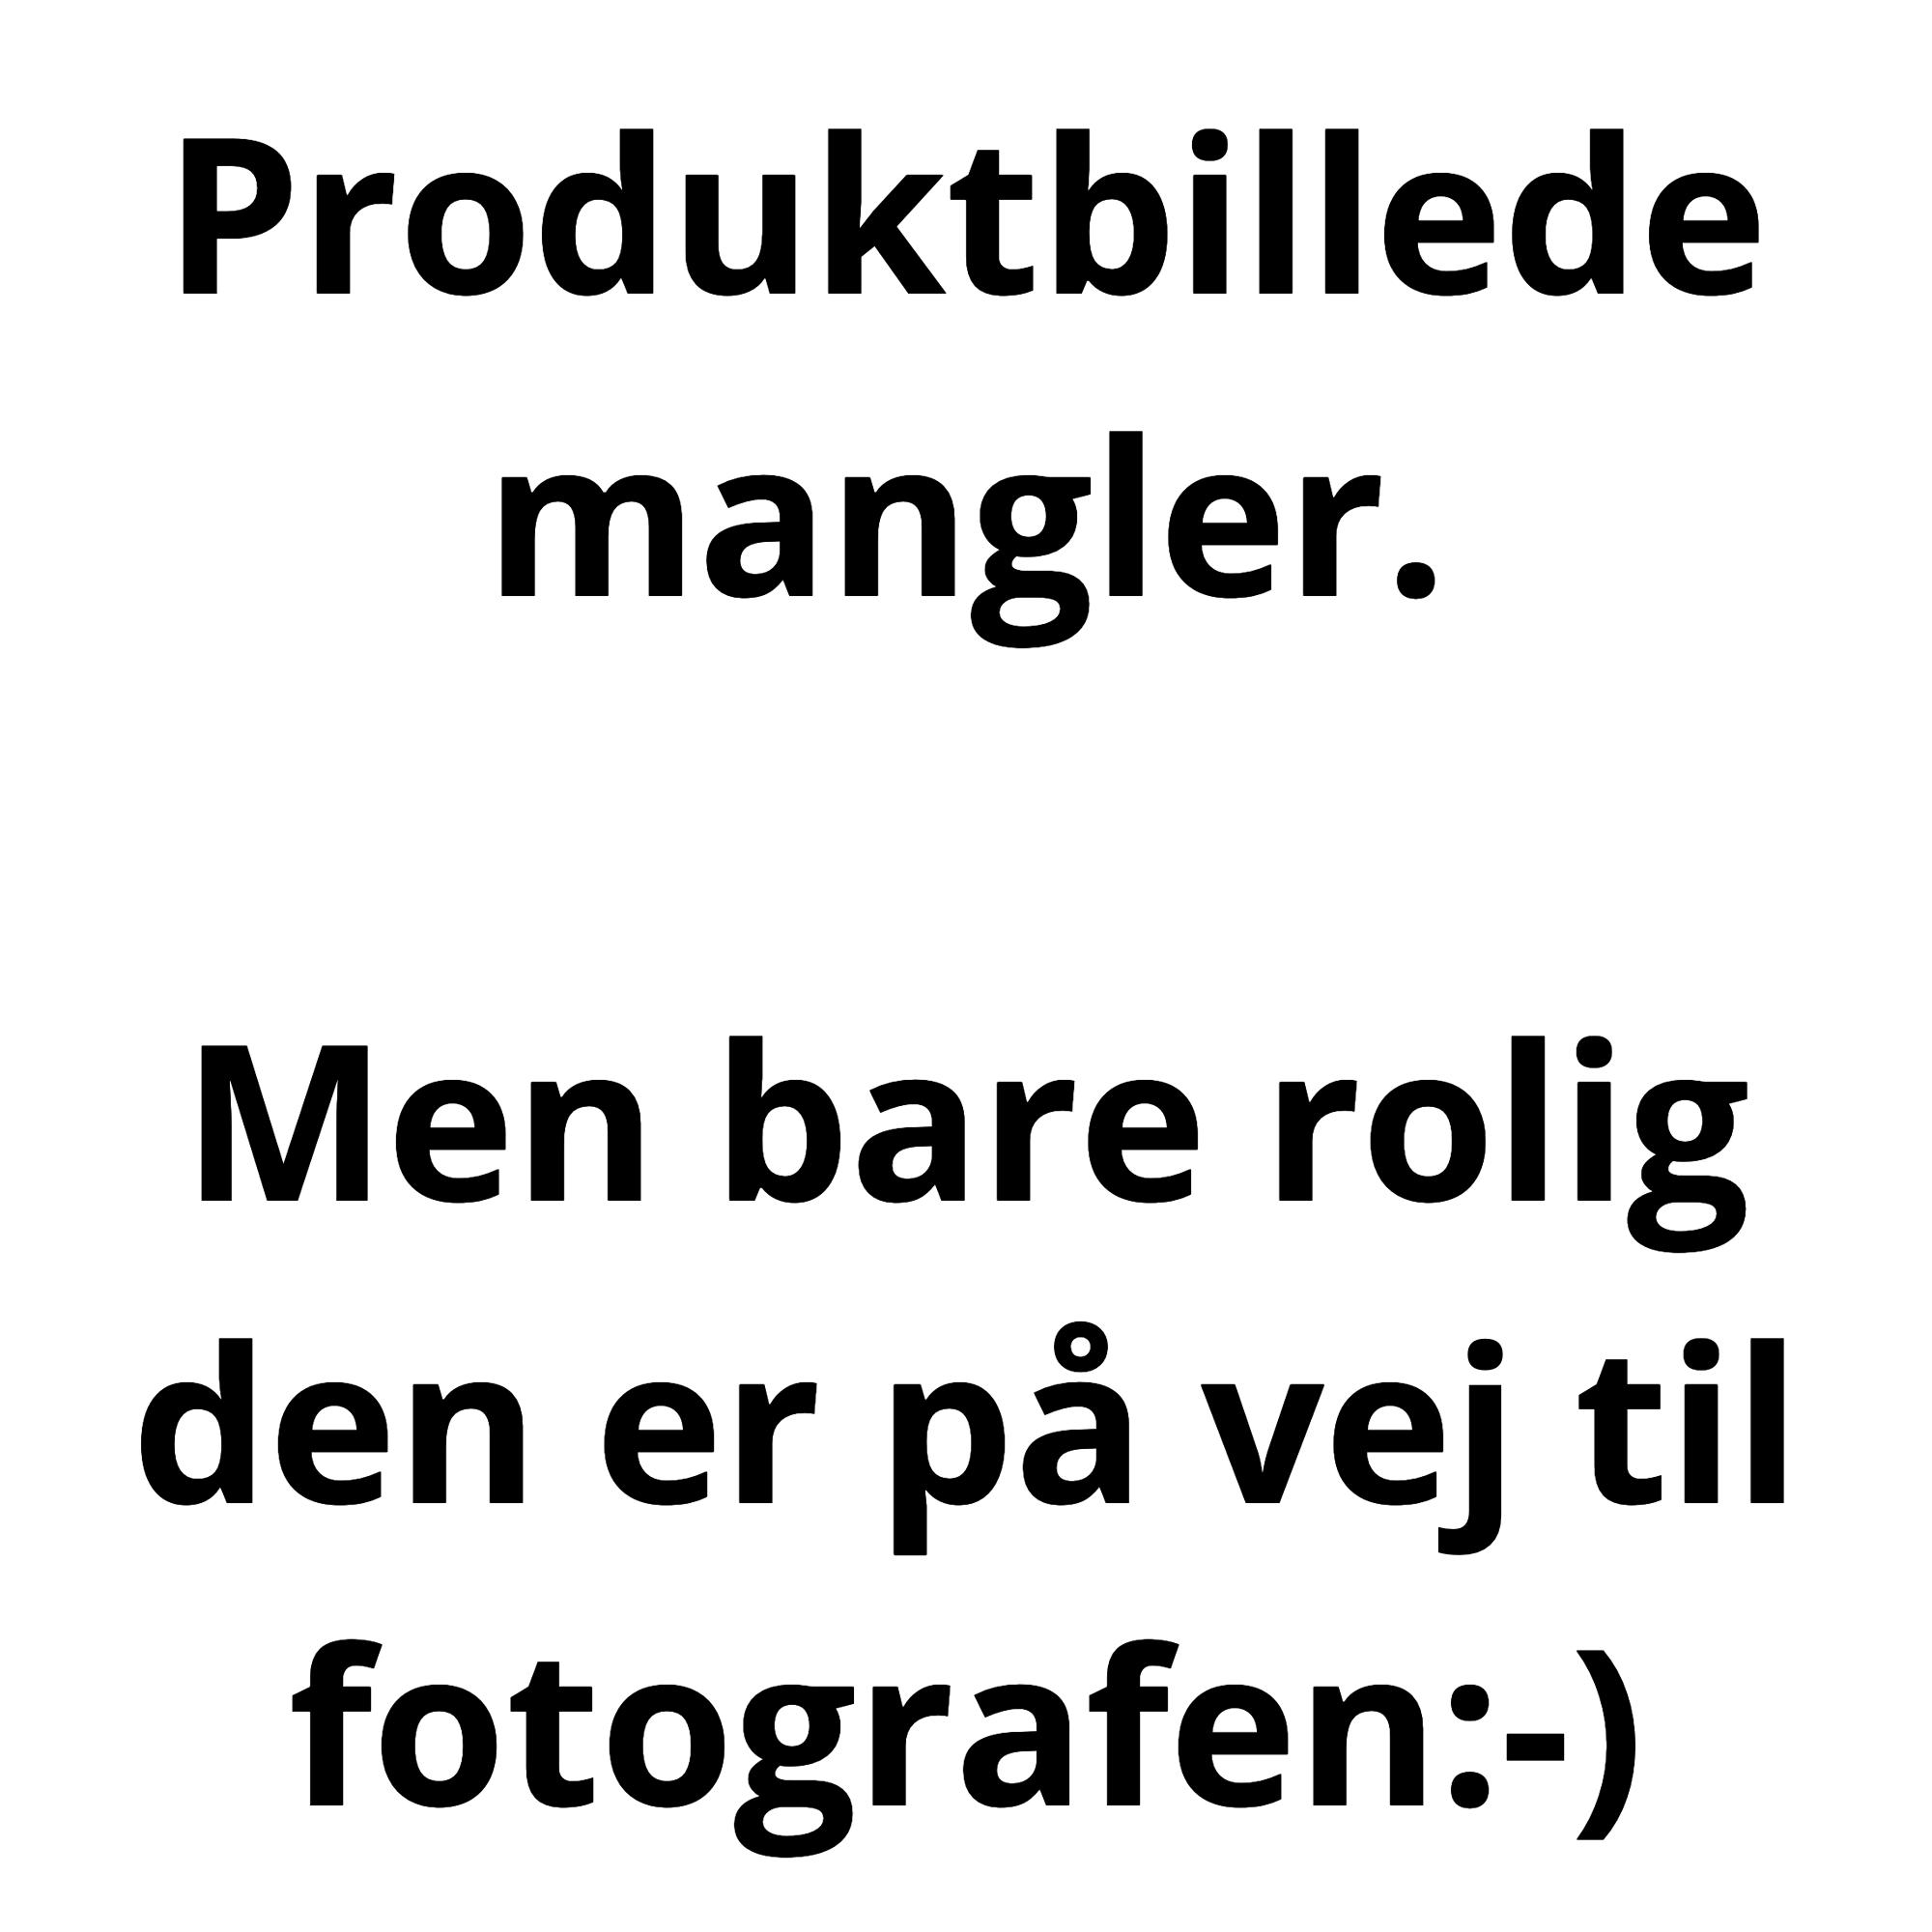 Brodit Aktiv Mobilholder med cigar adapter til Apple iPhone 11 Pro, 11 Pro Max, Xs Max - B: 80-94mm D:9-13mm - 721084